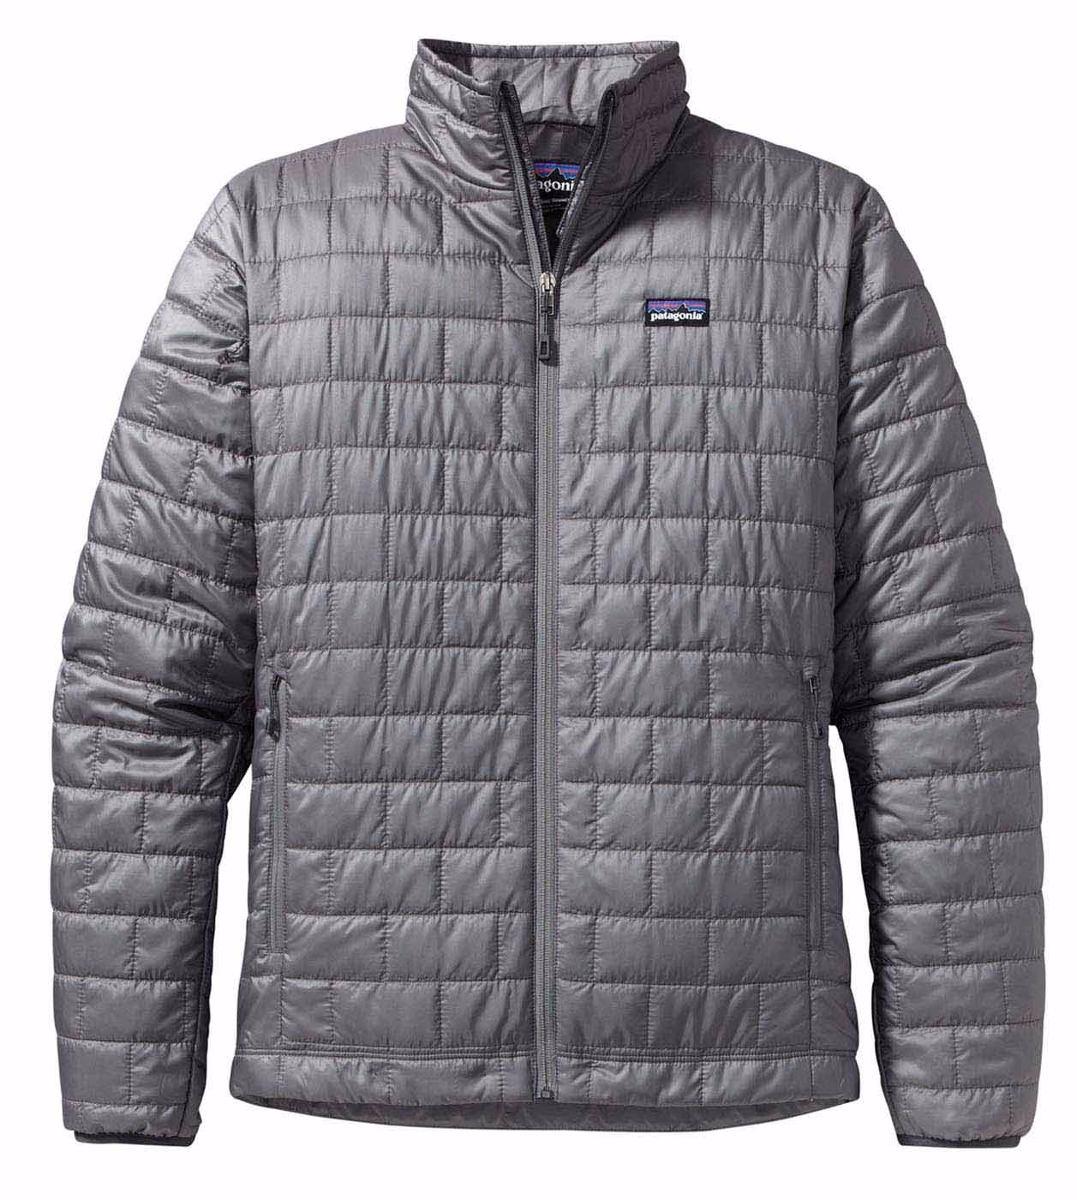 nuevo estilo fc86d efc57 Chaqueta Patagonia Nano Puff Jacket Color Gris